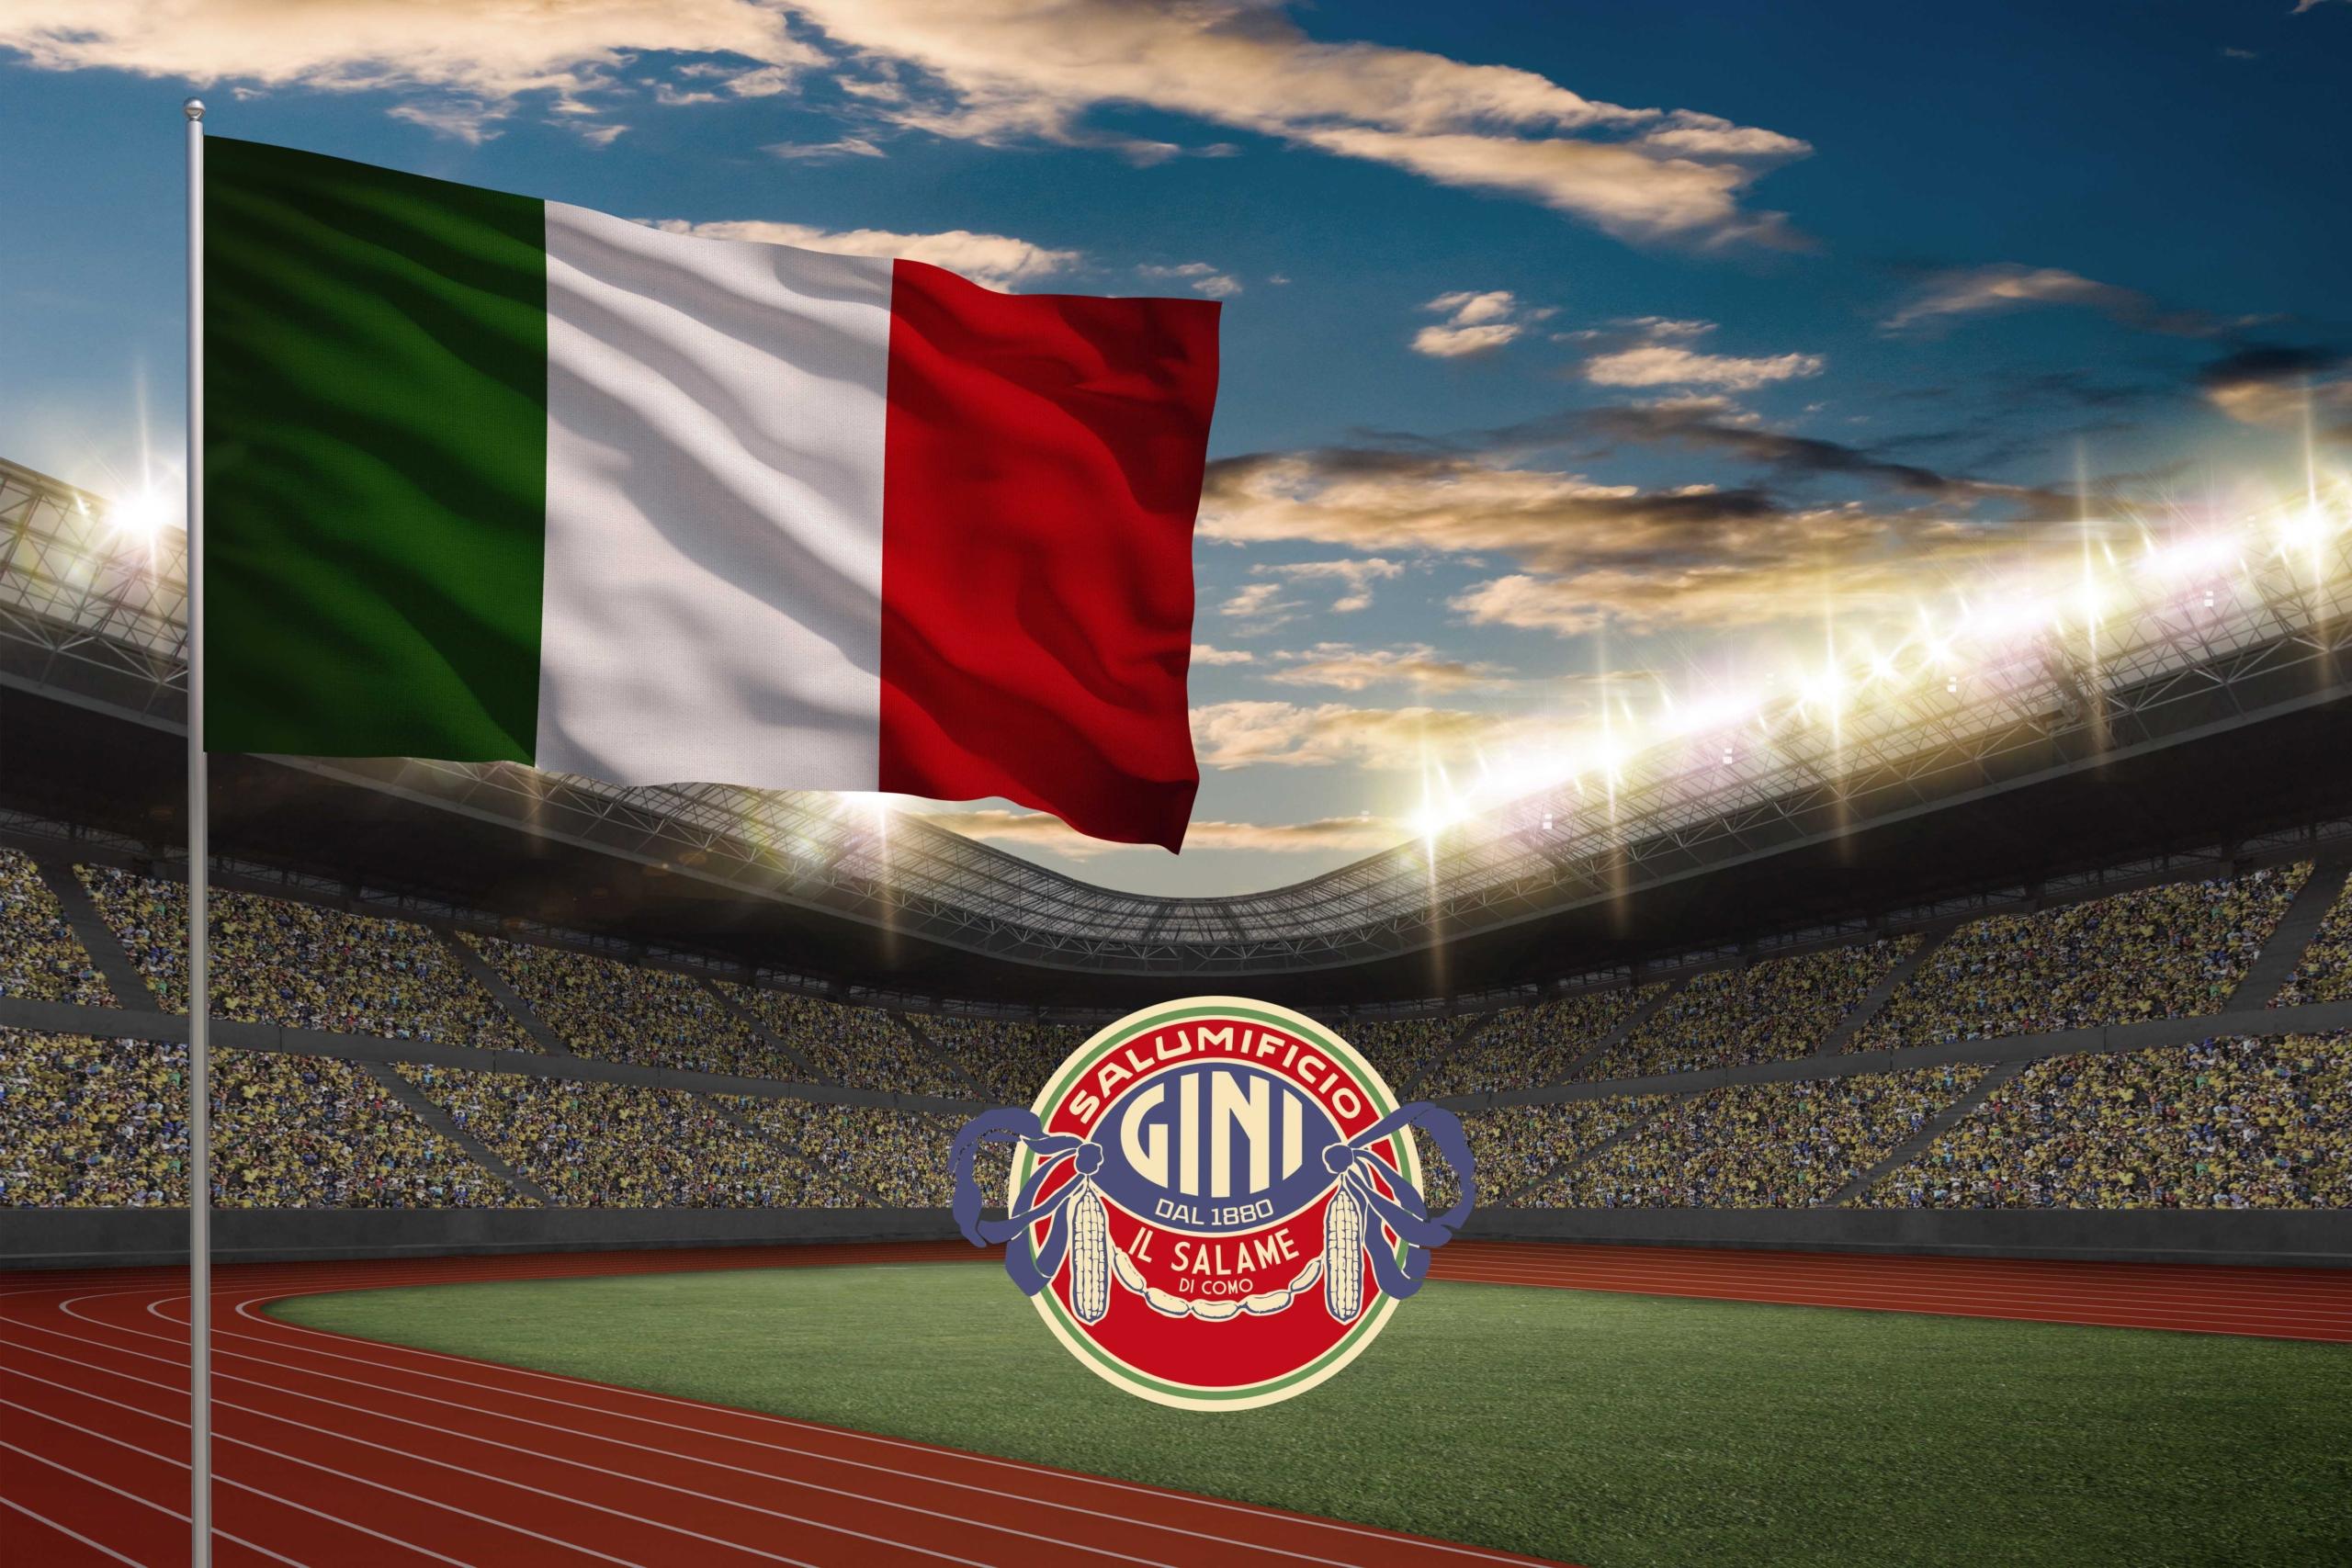 bandiera italiana salumificio gini